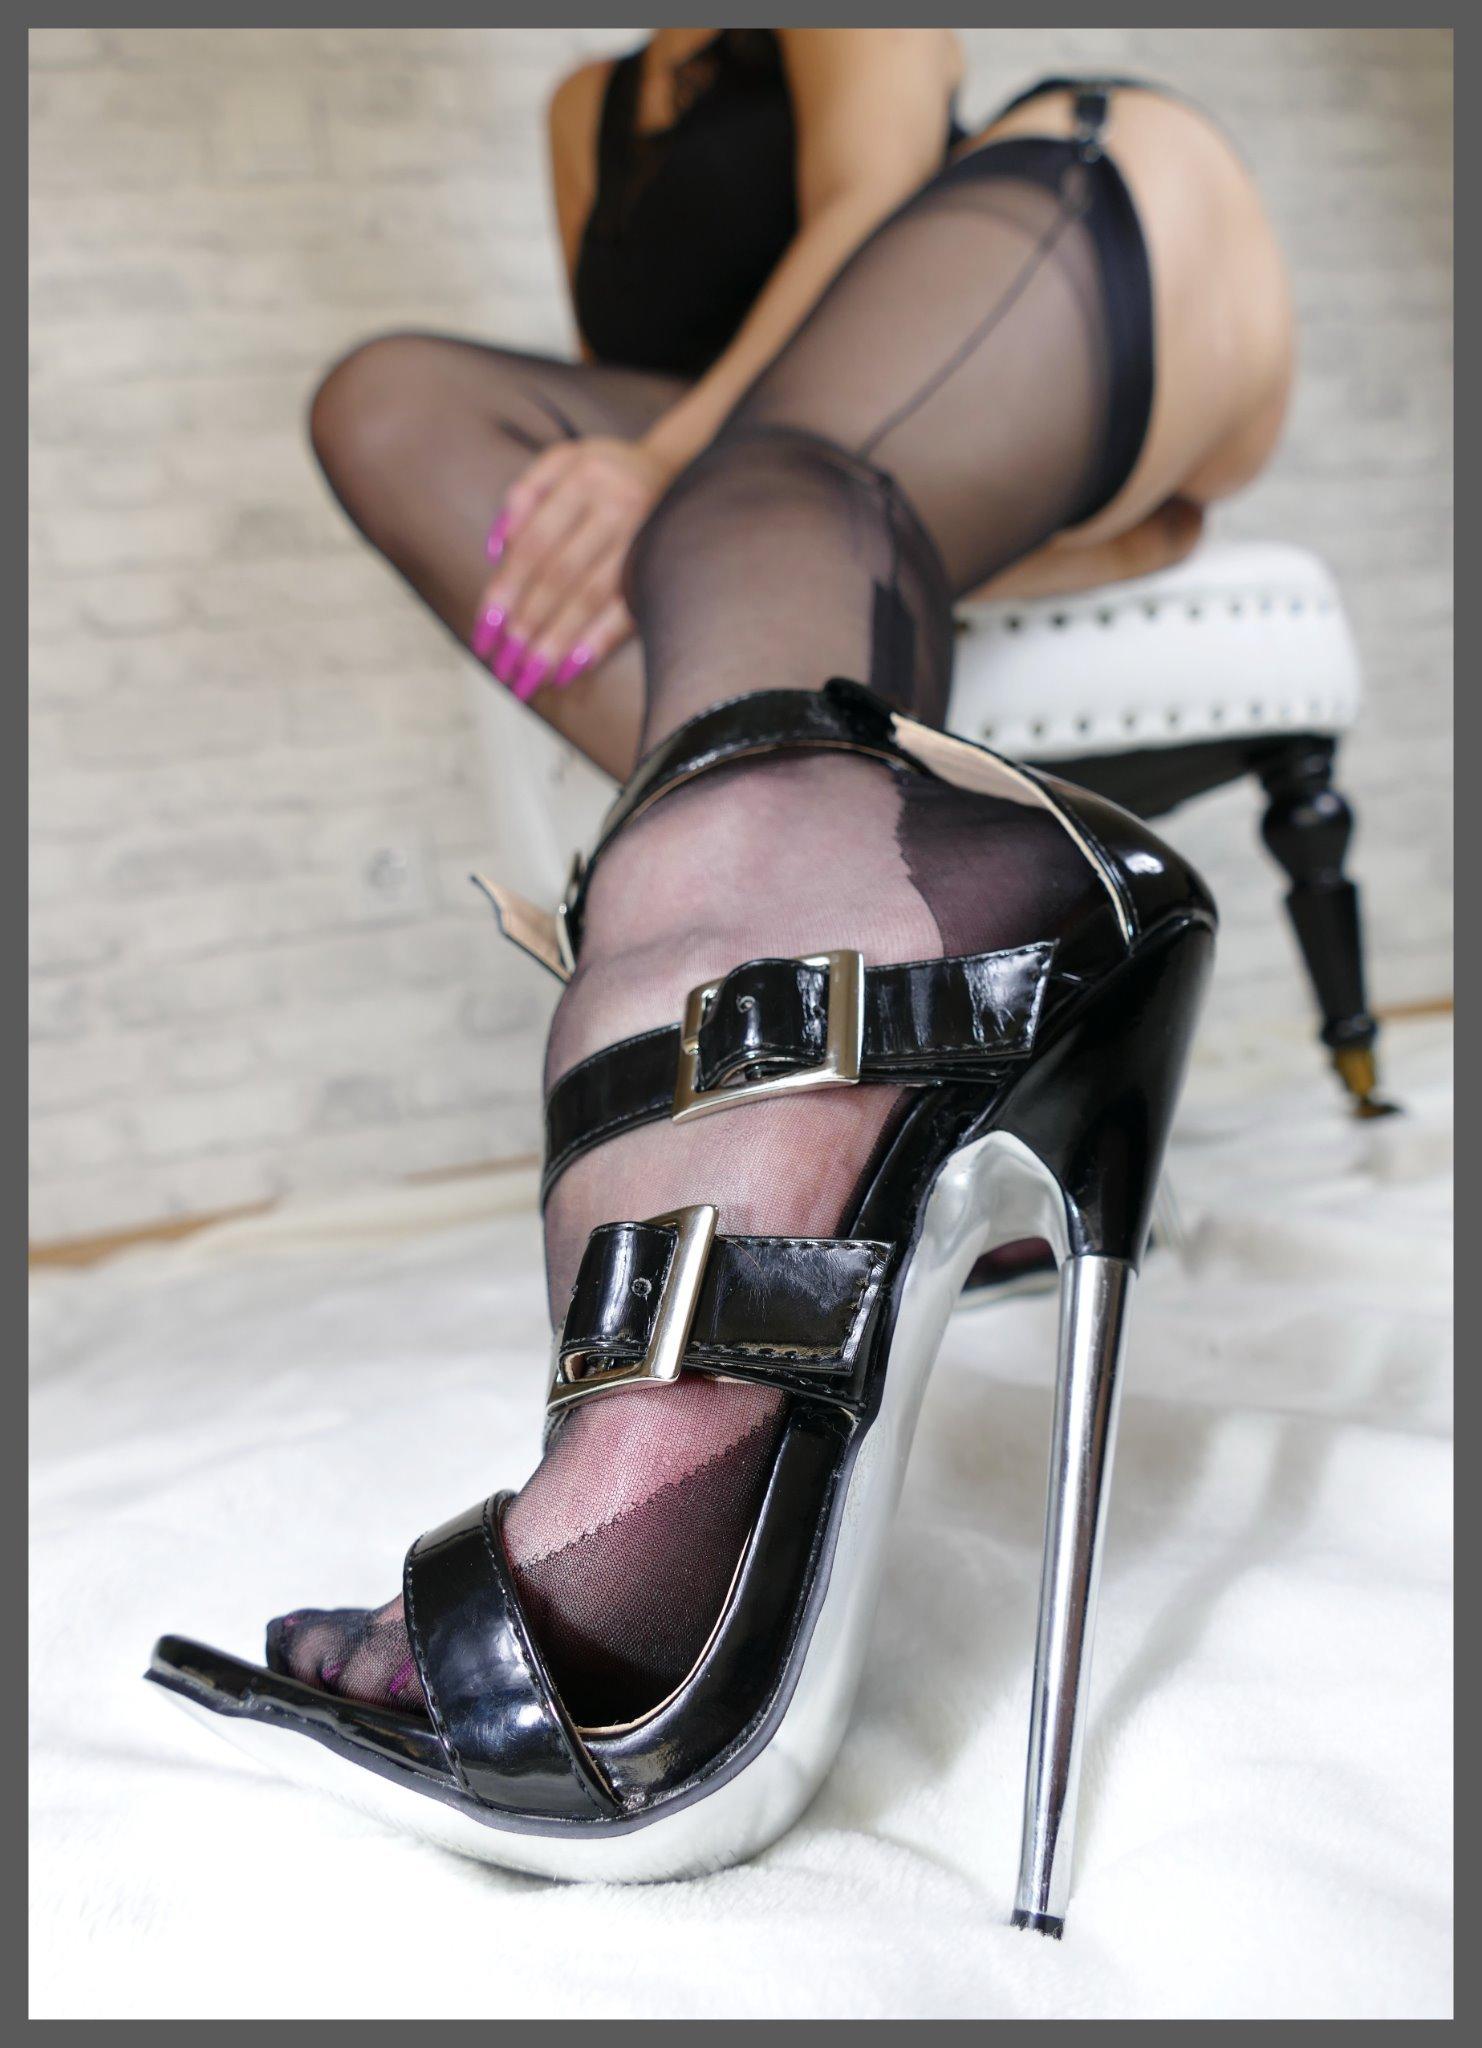 High heel bondage vintage